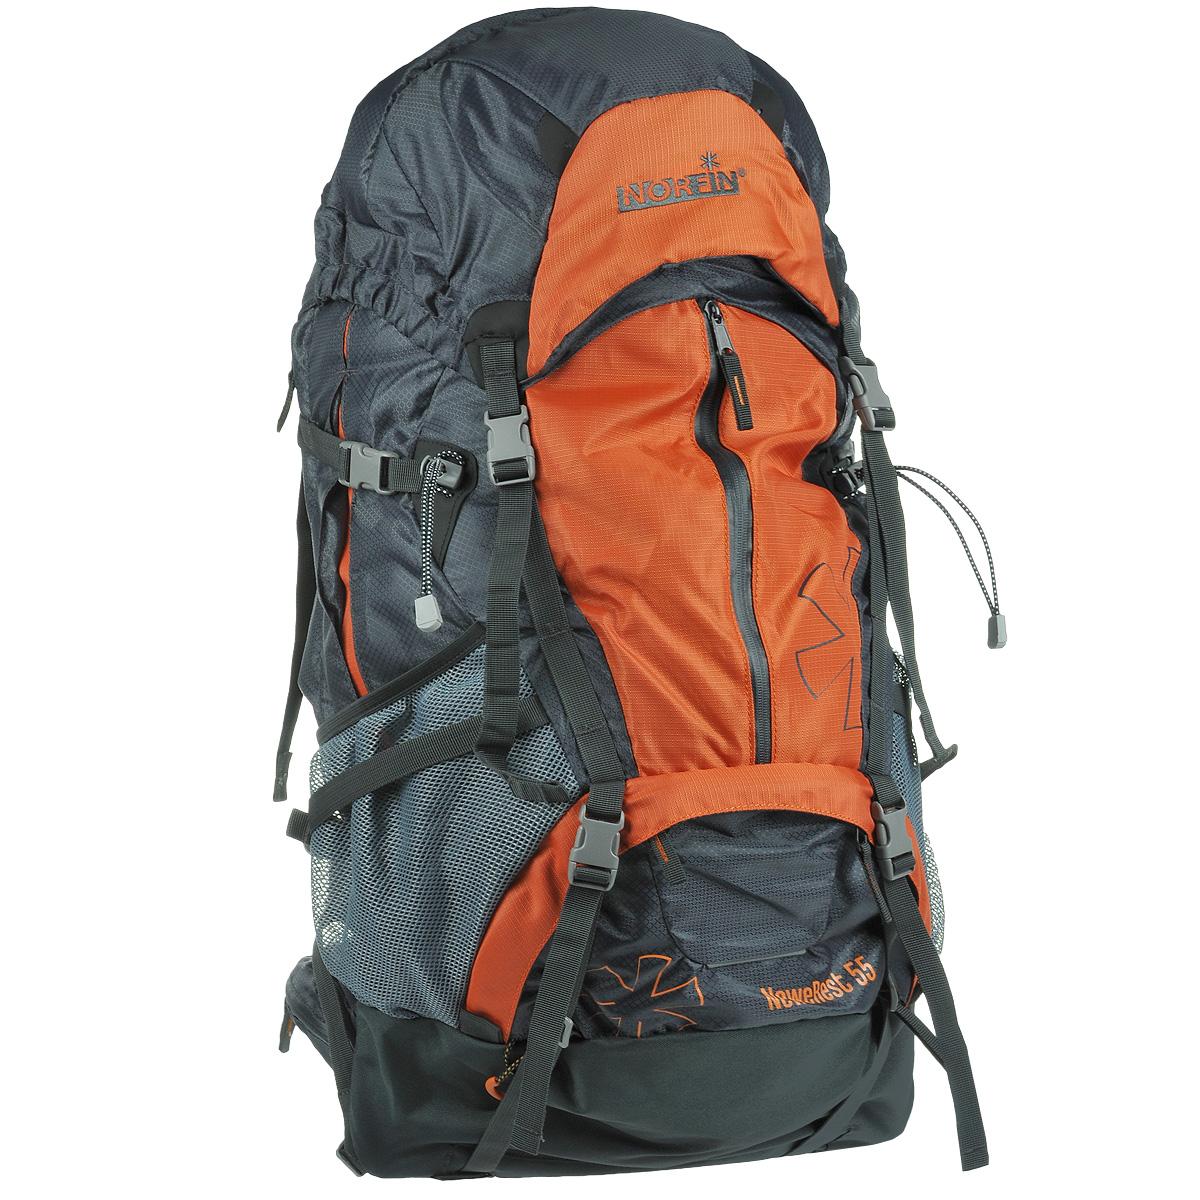 Рюкзак туристический Norfin NeweRest, цвет: серый, оранжевый, 55 лNS-40206Туристический функциональный 55-литровый рюкзак Norfin NeweRest отлично подойдет для походов и путешествий. Особенности рюкзака: Анатомический съемный пояс с карманами. Отлично сидит на бедрах, хорошо перераспределяет нагрузку Регулируемая подвесная система W-1 с вентиляцией спины Плечевые лямки с перфорированным наполнителем EVA для смягчения Грудная стяжка Алюминиевые латы Выход под питьевую систему Основное отделение с разделителем на молнии позволит удобно распределить содержимое рюкзака Верхний и нижний входы в основное отделение Большие боковые карманы на молнии, боковые сетчатые карманы Большой фронтальный карман с водонепроницаемой молнией Плавающий верхний клапан с внешним и внутренним карманами Чехол-дождевик в кармане на дне Возможность крепления горного снаряжения.